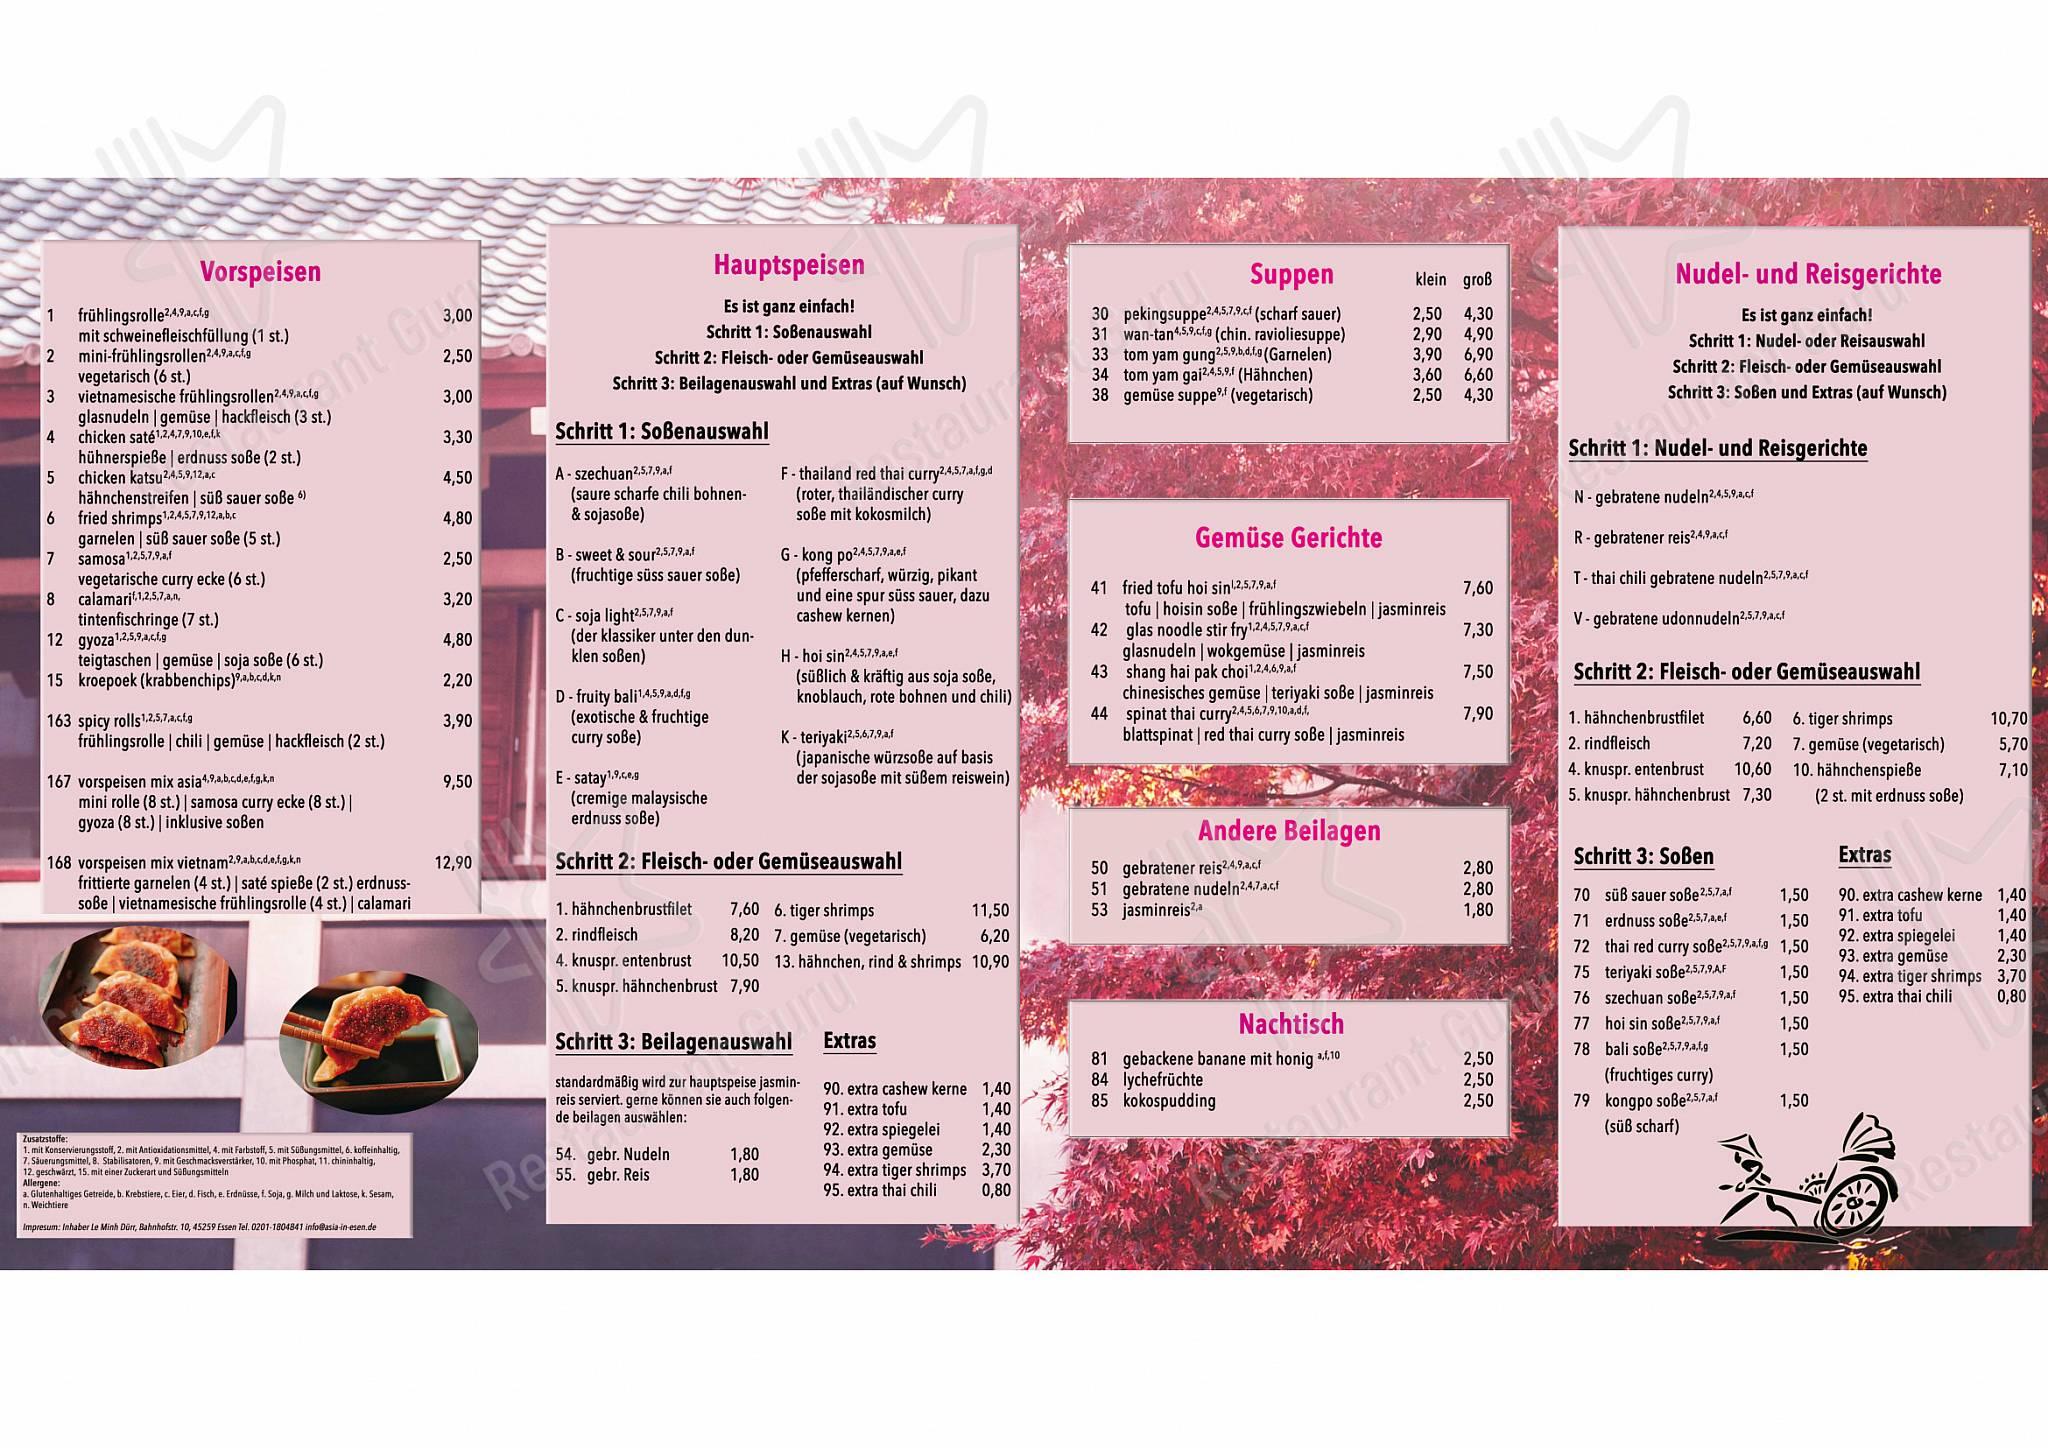 Asia Essen Heisingen menu - meals and drinks